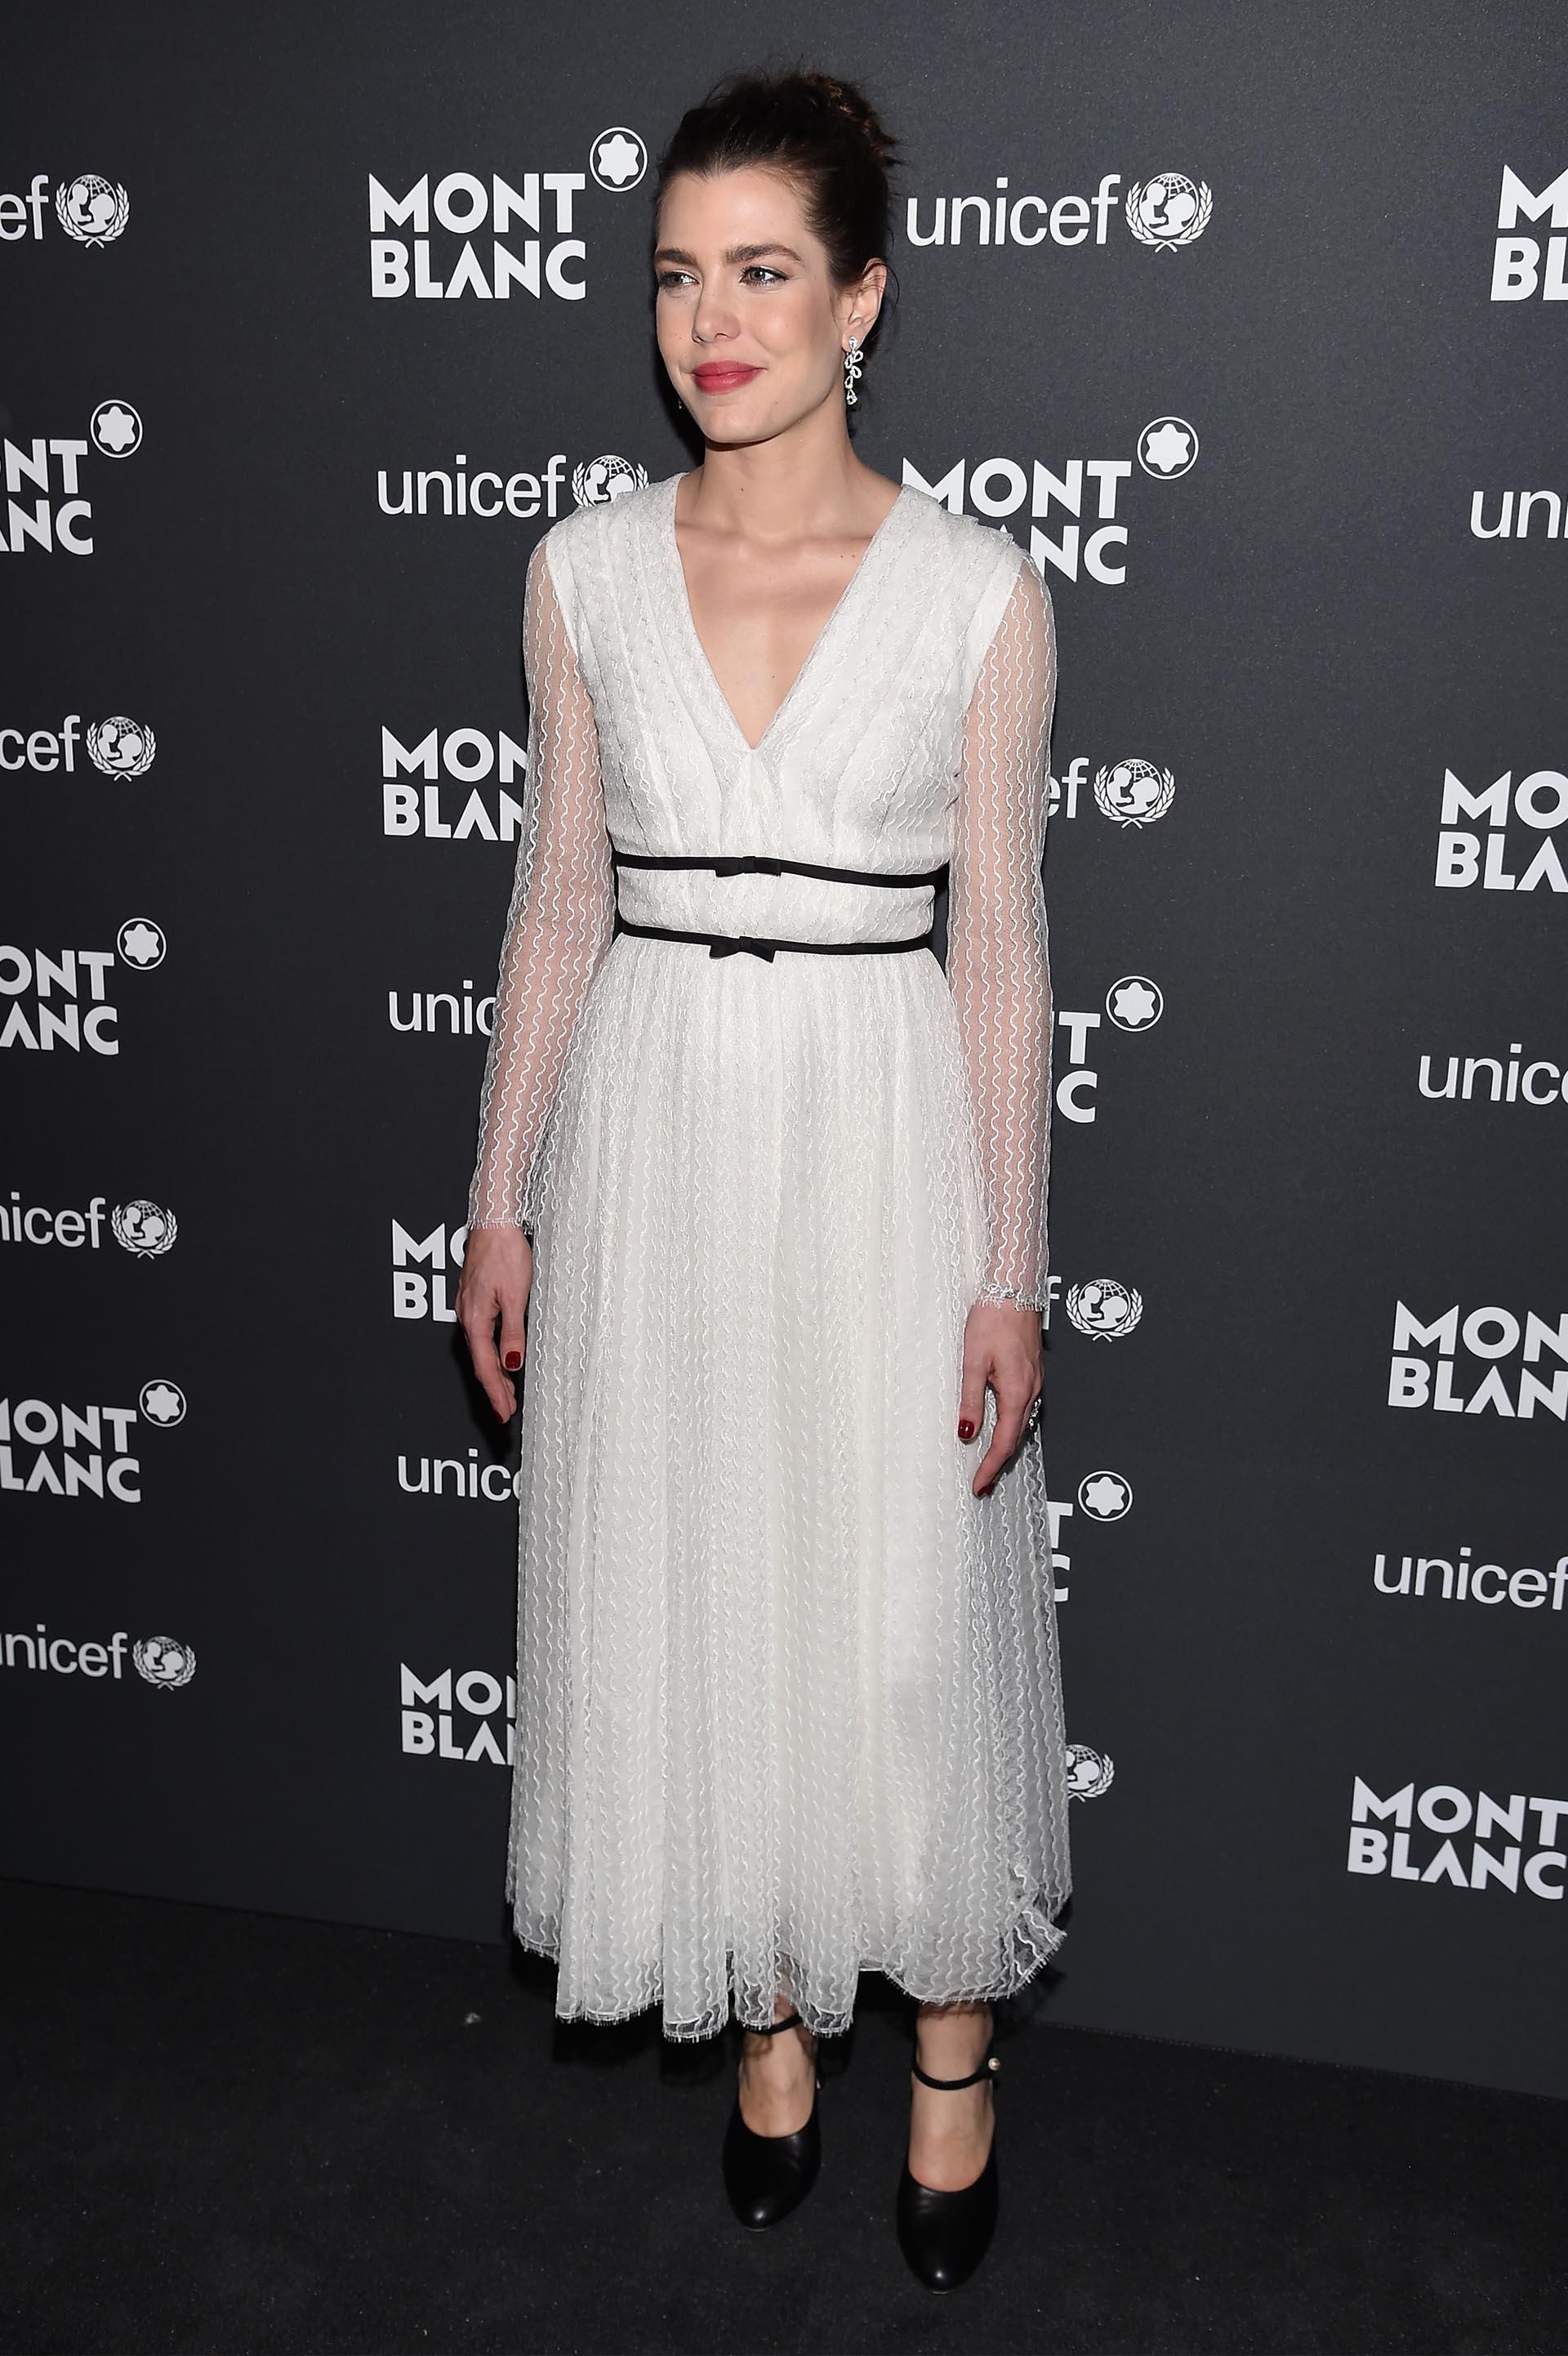 Charlotte Casiraghi viajó a Nueva York para asistir a la gala de UNICEF, que se llevó a cabo en la Biblioteca Pública de Nueva York